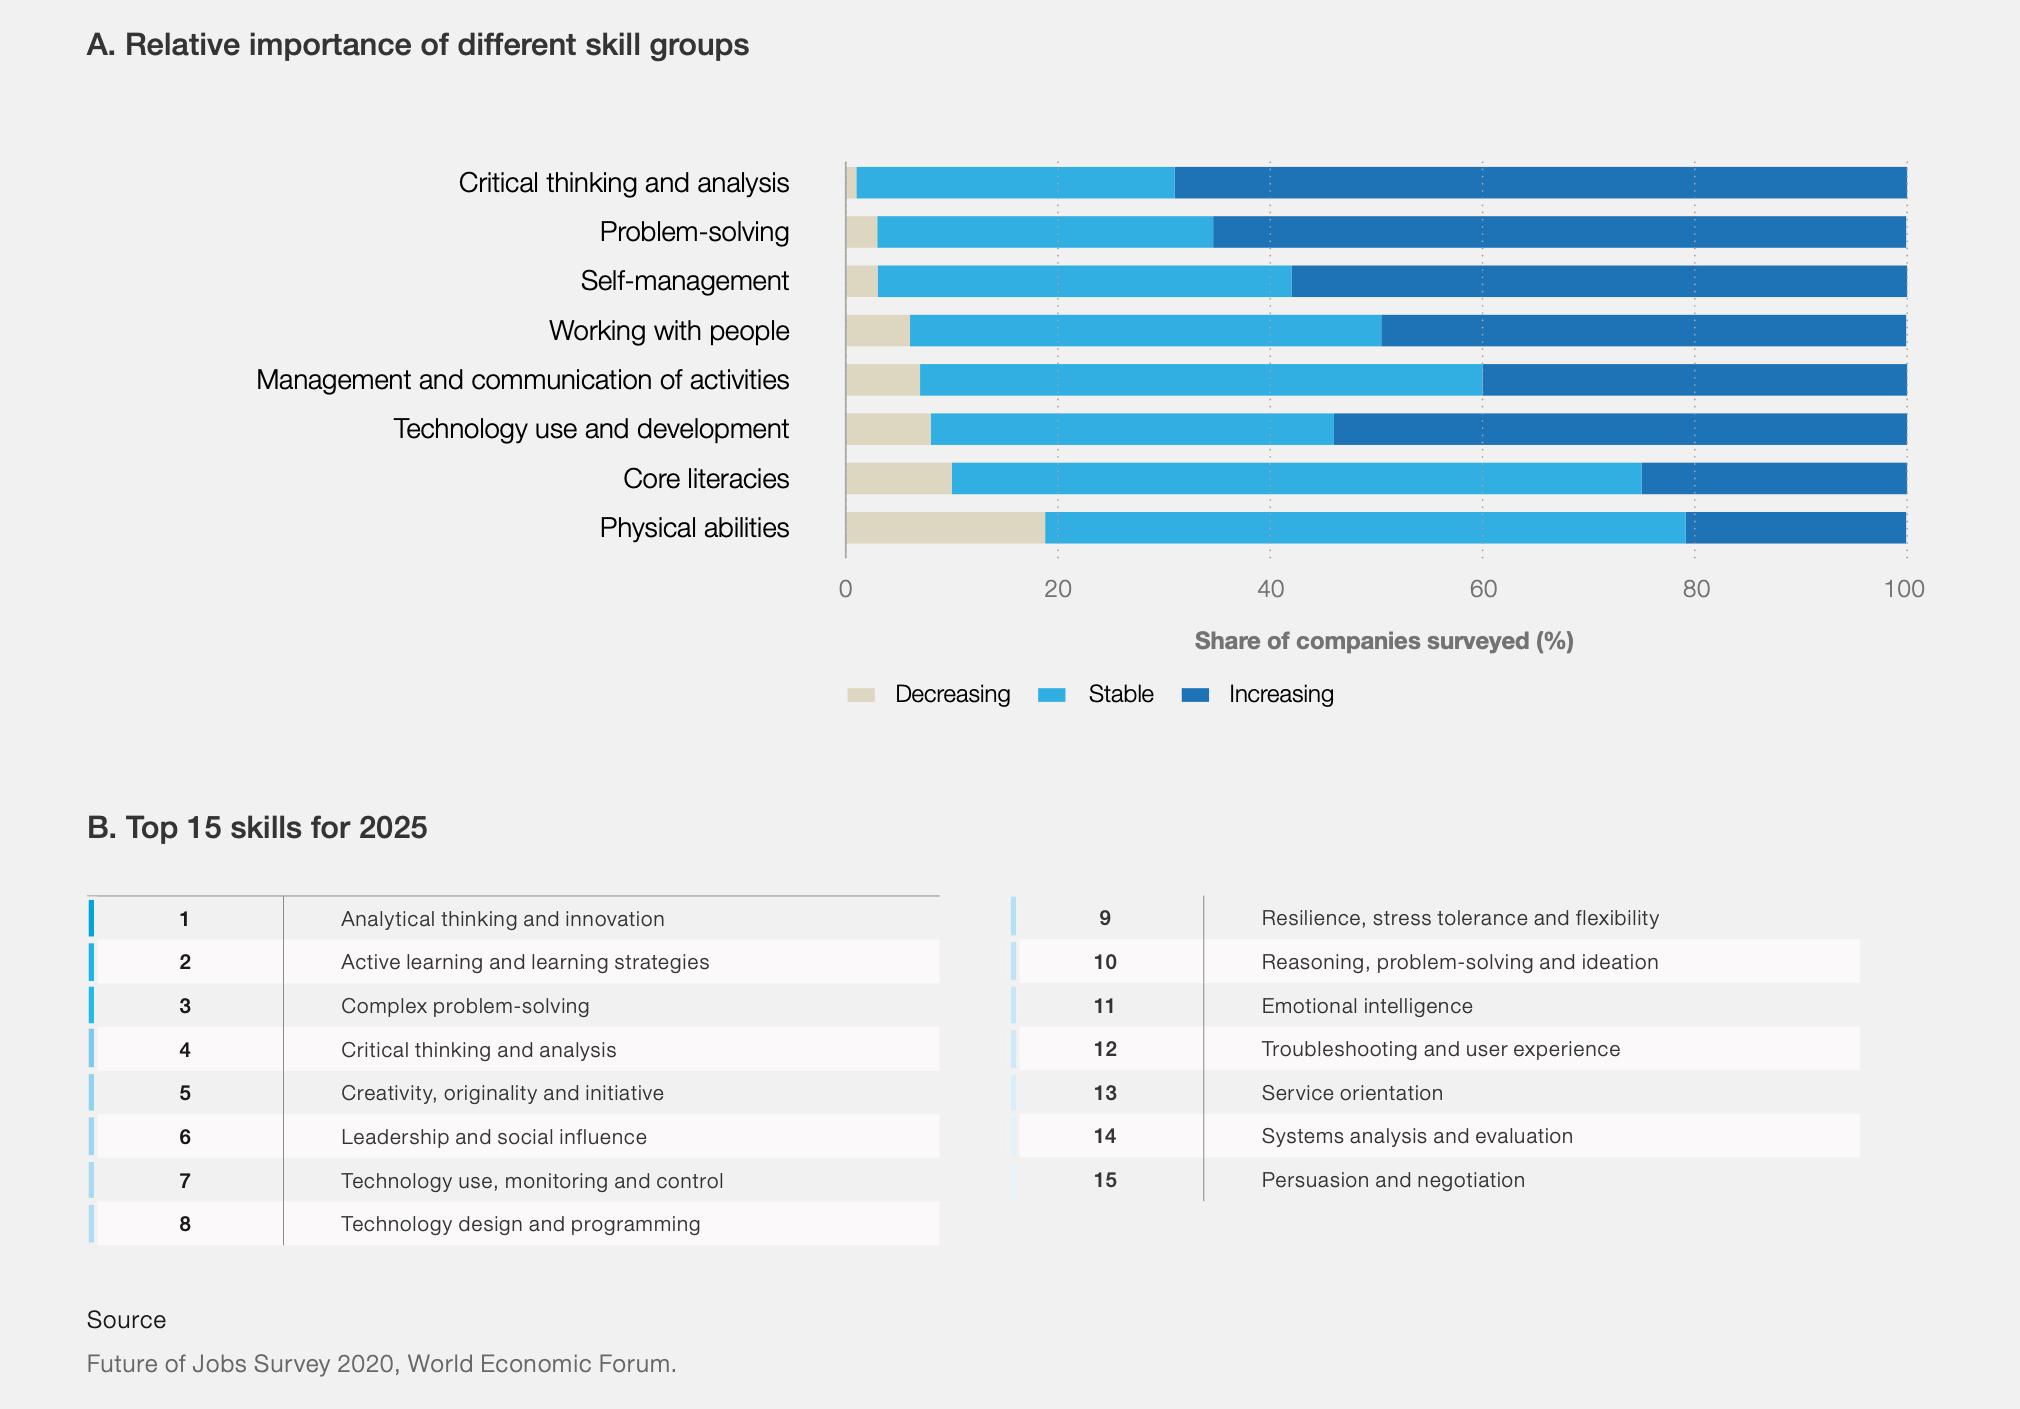 Recorte do relatório do Fórum Econômico Mundial de 2020 sobre o futuro do trabalho. O trecho mostran as habilidades mais importantes para as empresas até 2025.